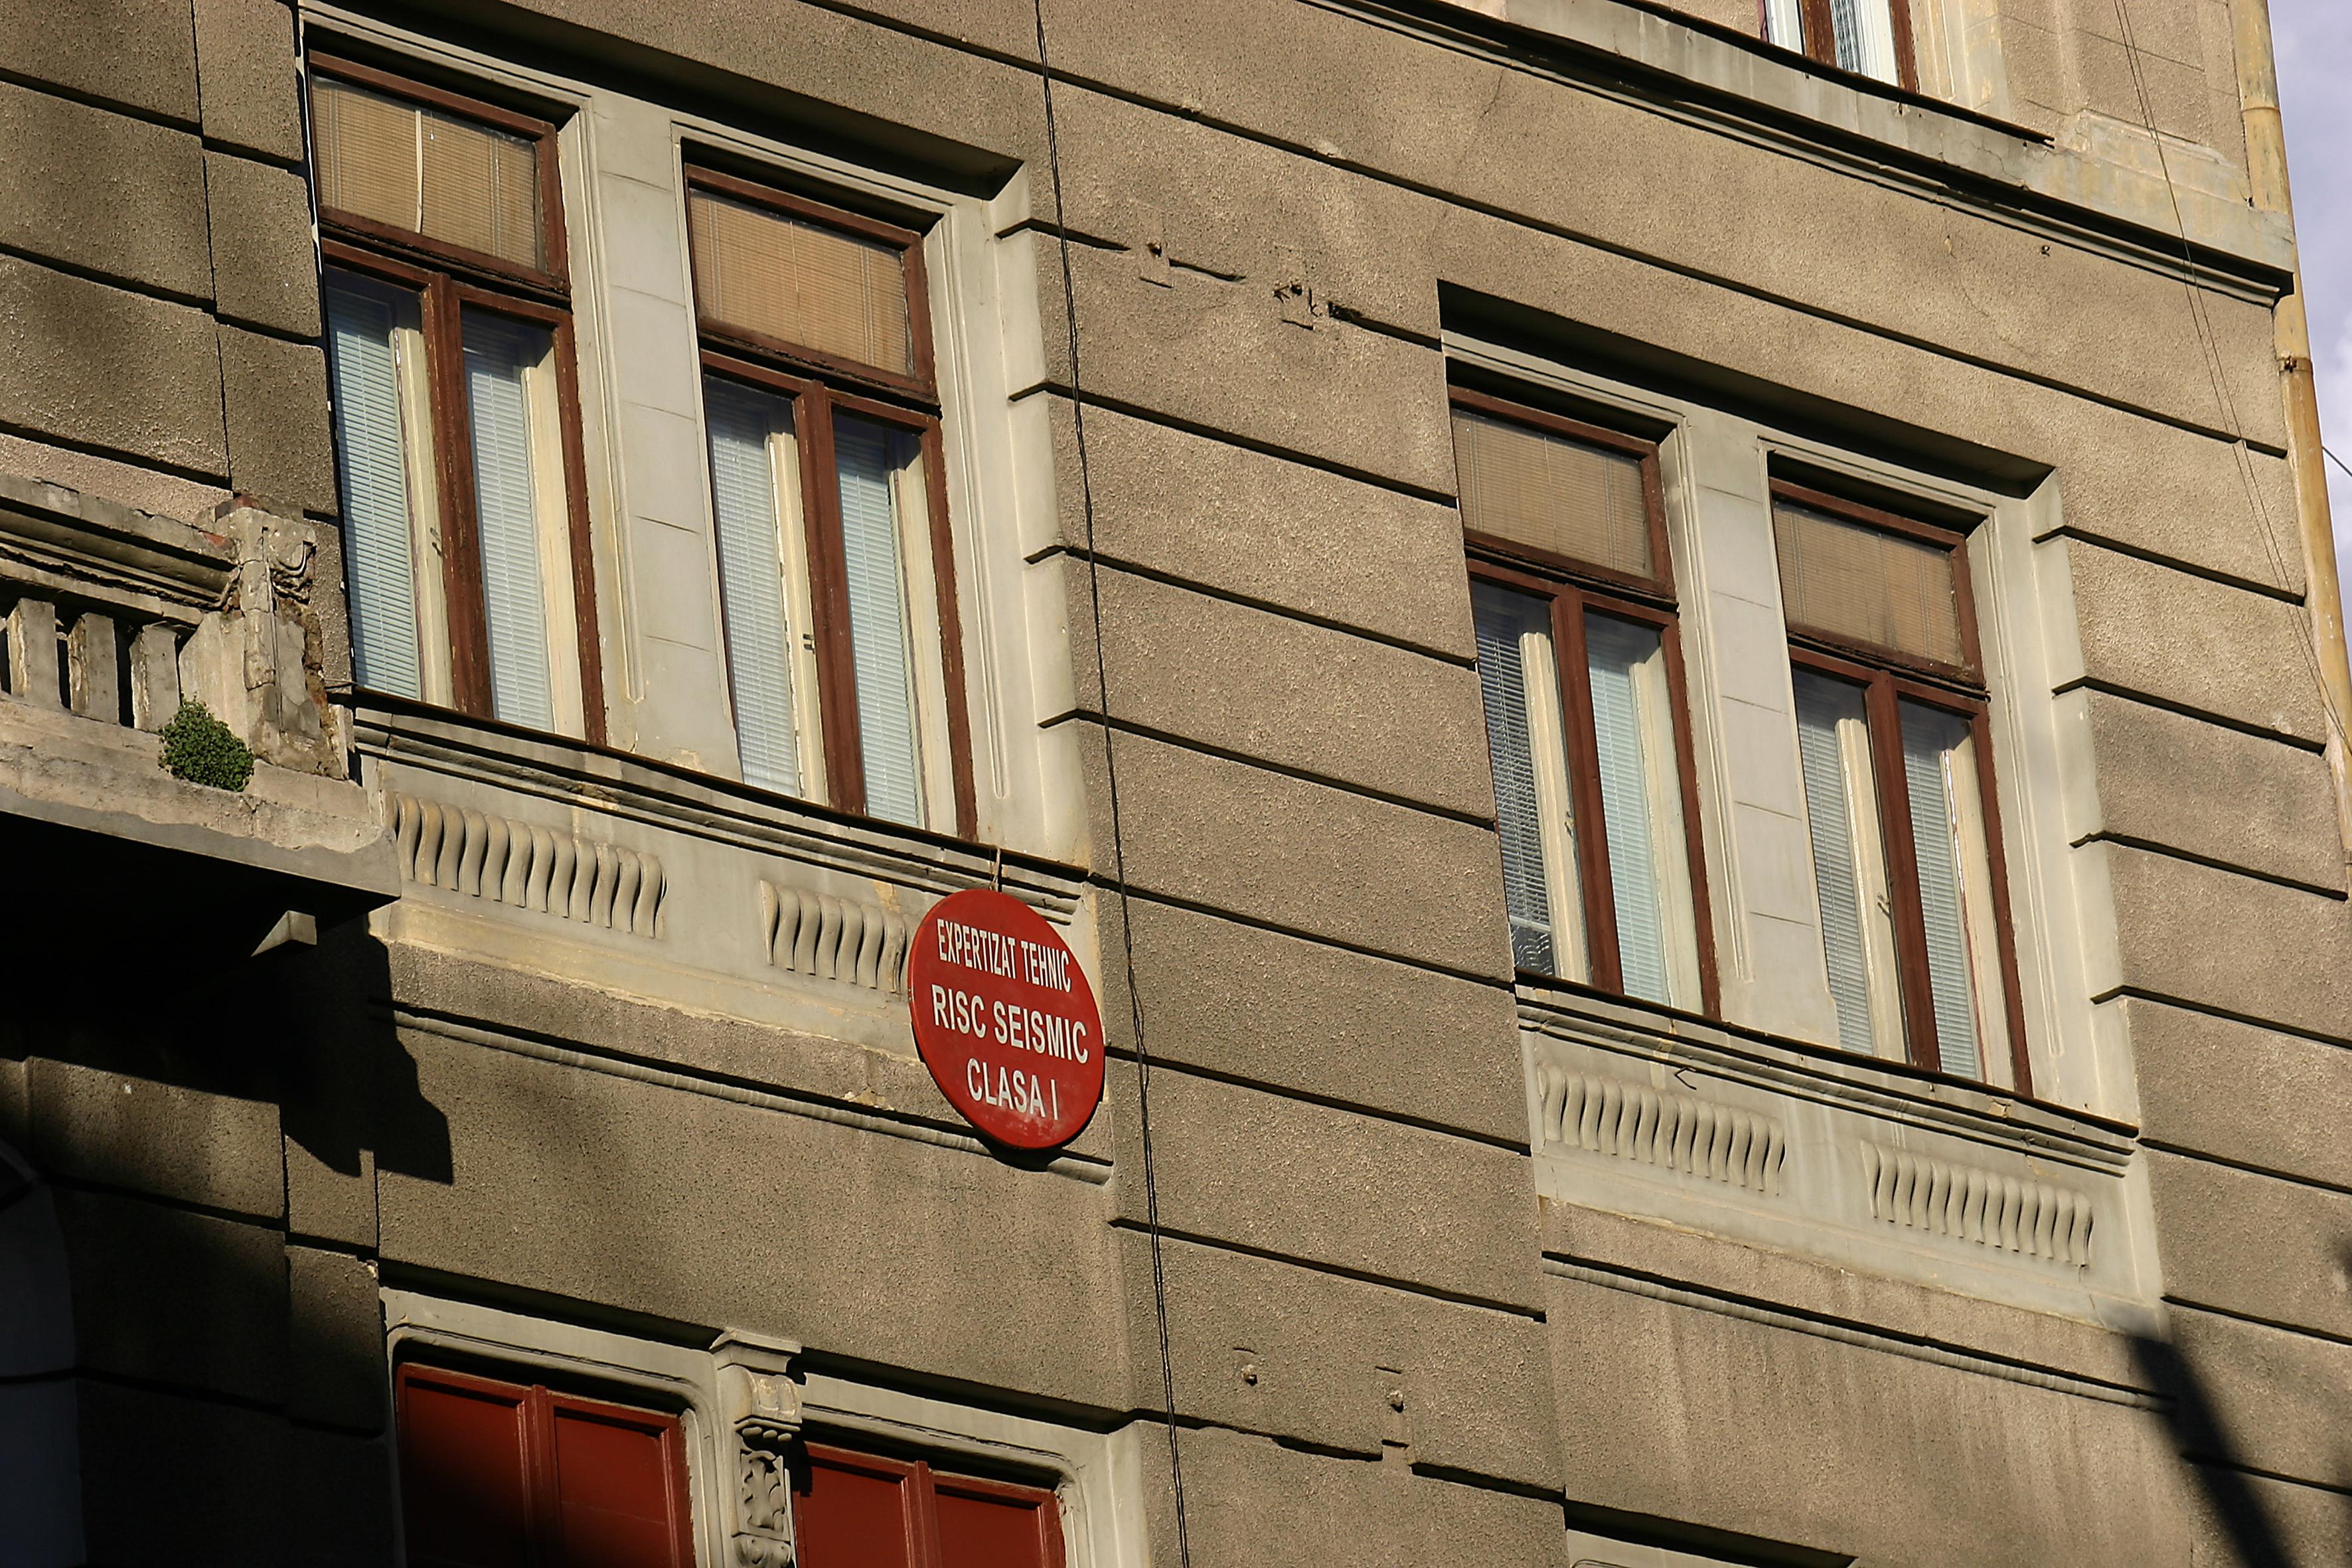 Lista cladirilor cu risc seismic din Capitala. Peste 200 sunt considerate pericol public